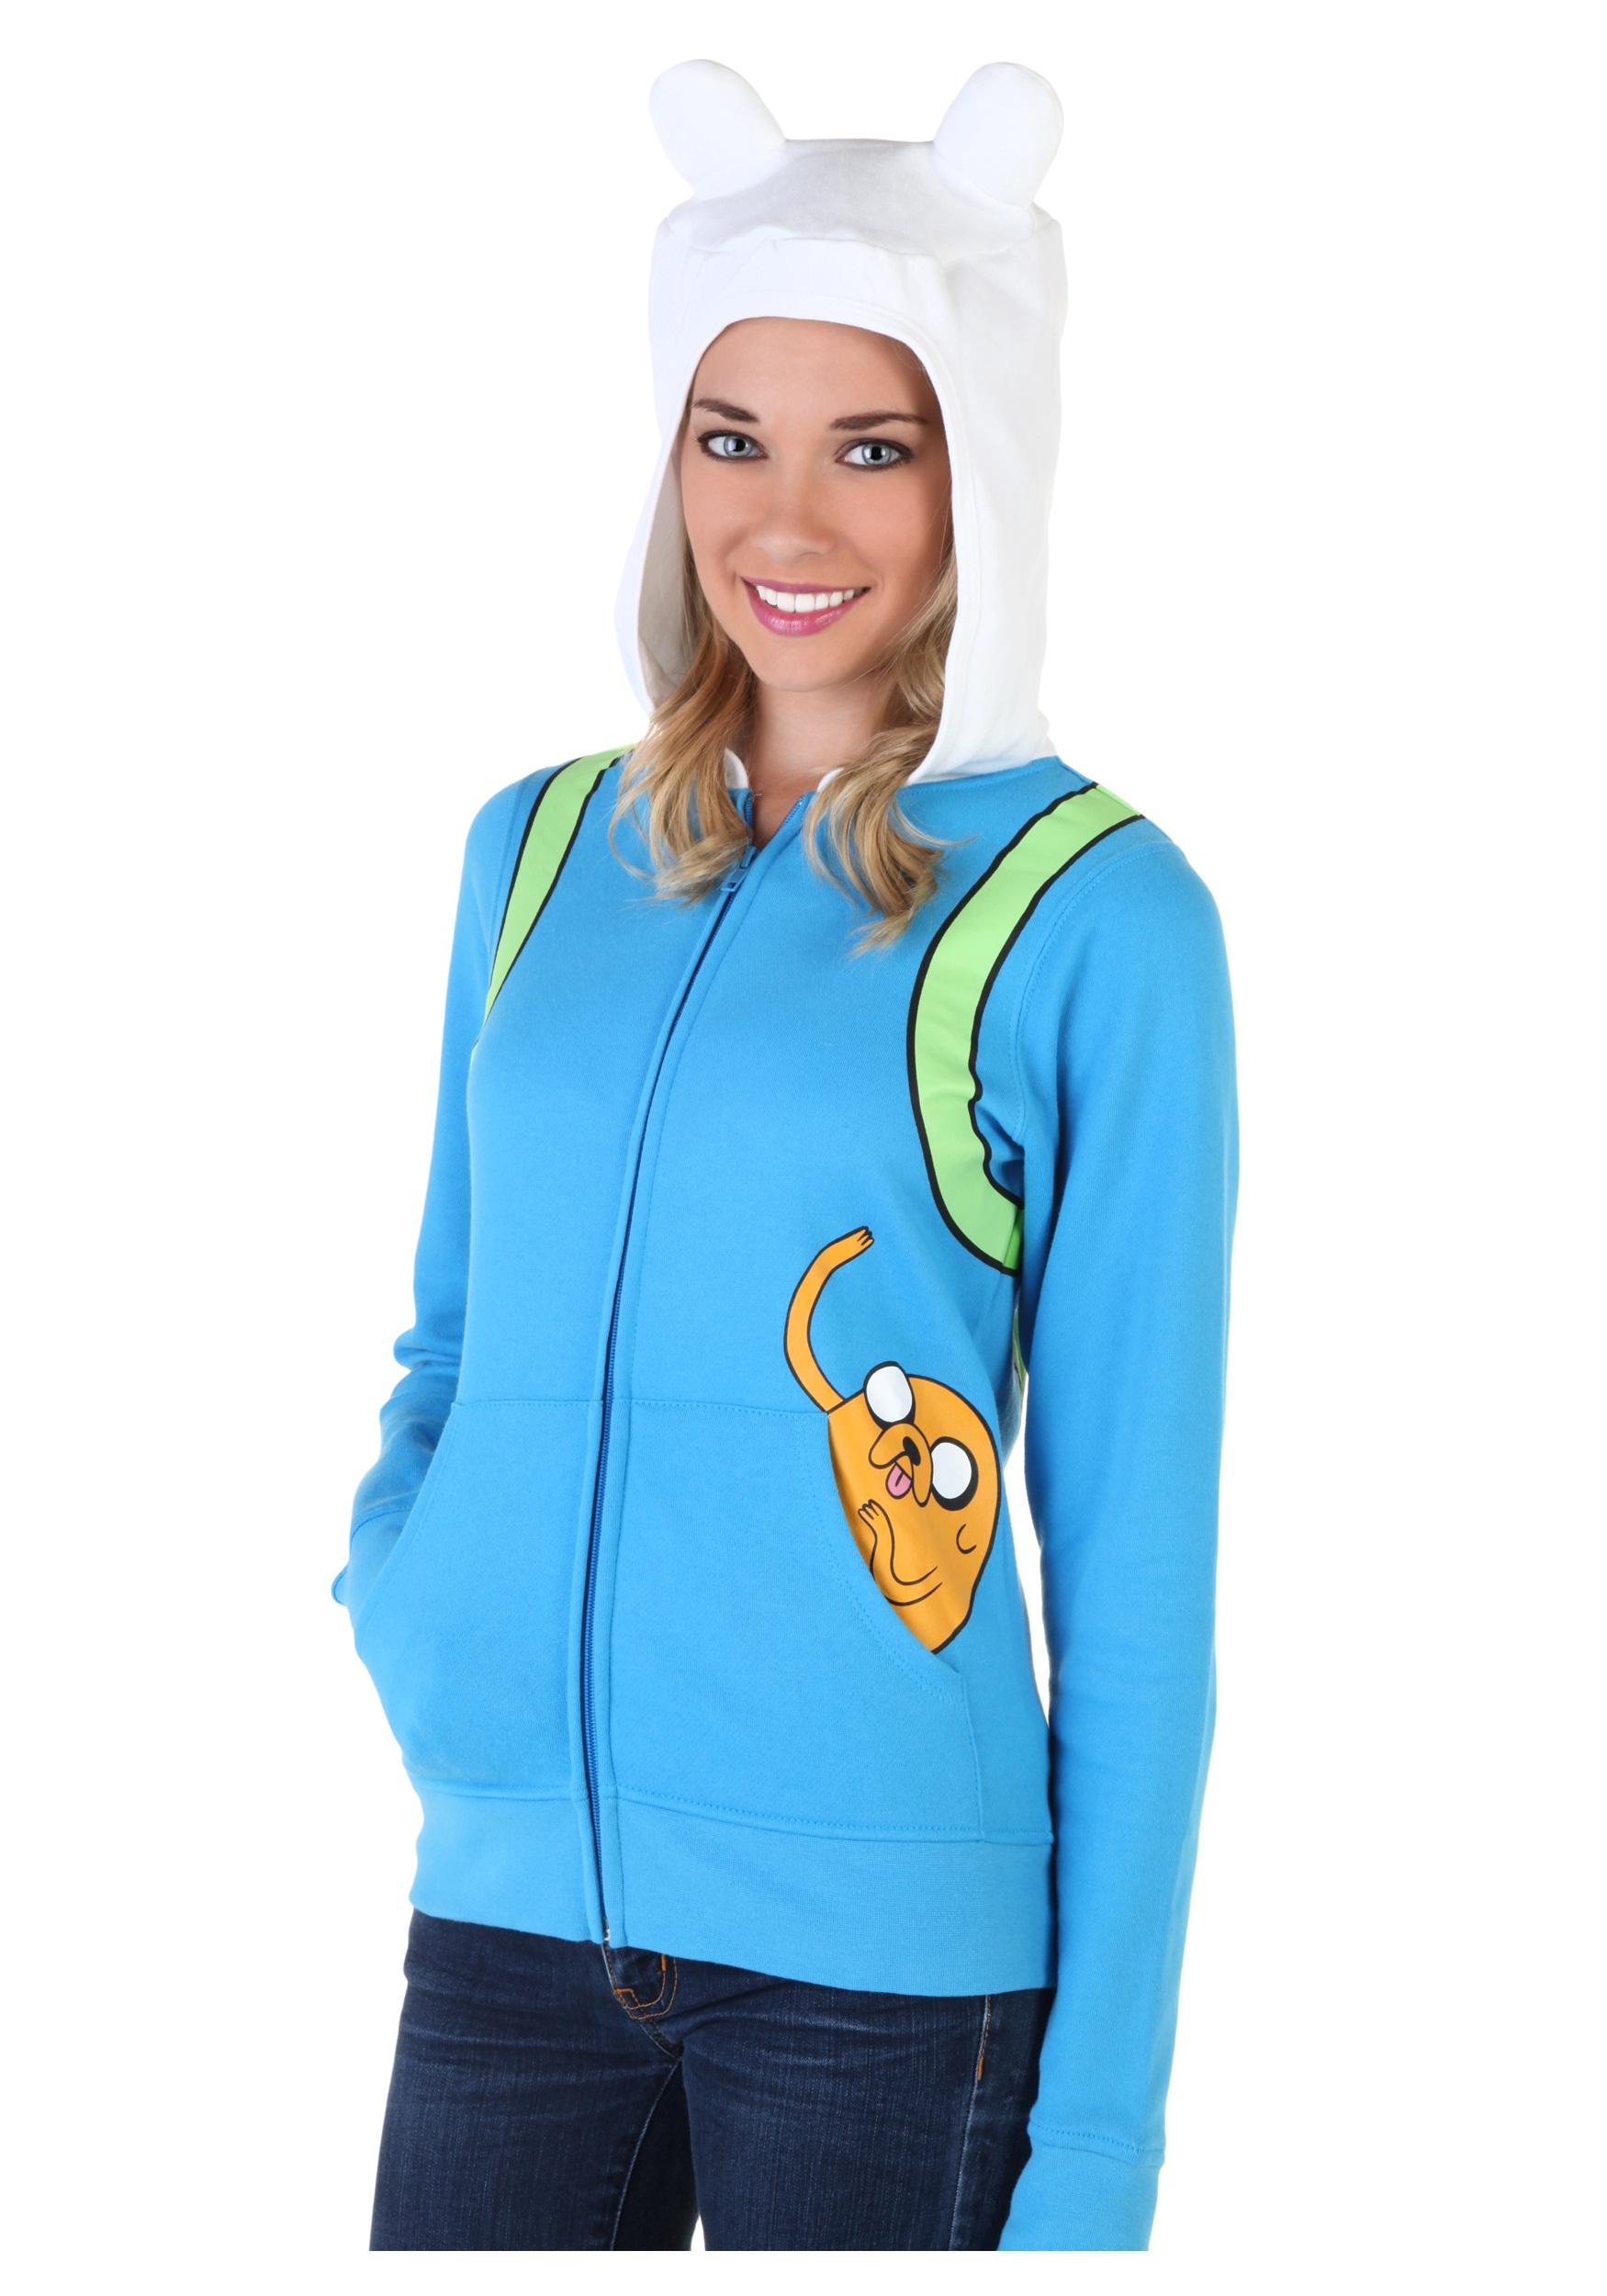 Womenu0027s Adventure Time Jake Pocket Hoodie  sc 1 st  Halloween Costumes & Womenu0027s Adventure Time Jake Pocket Hoodie - Halloween Costumes